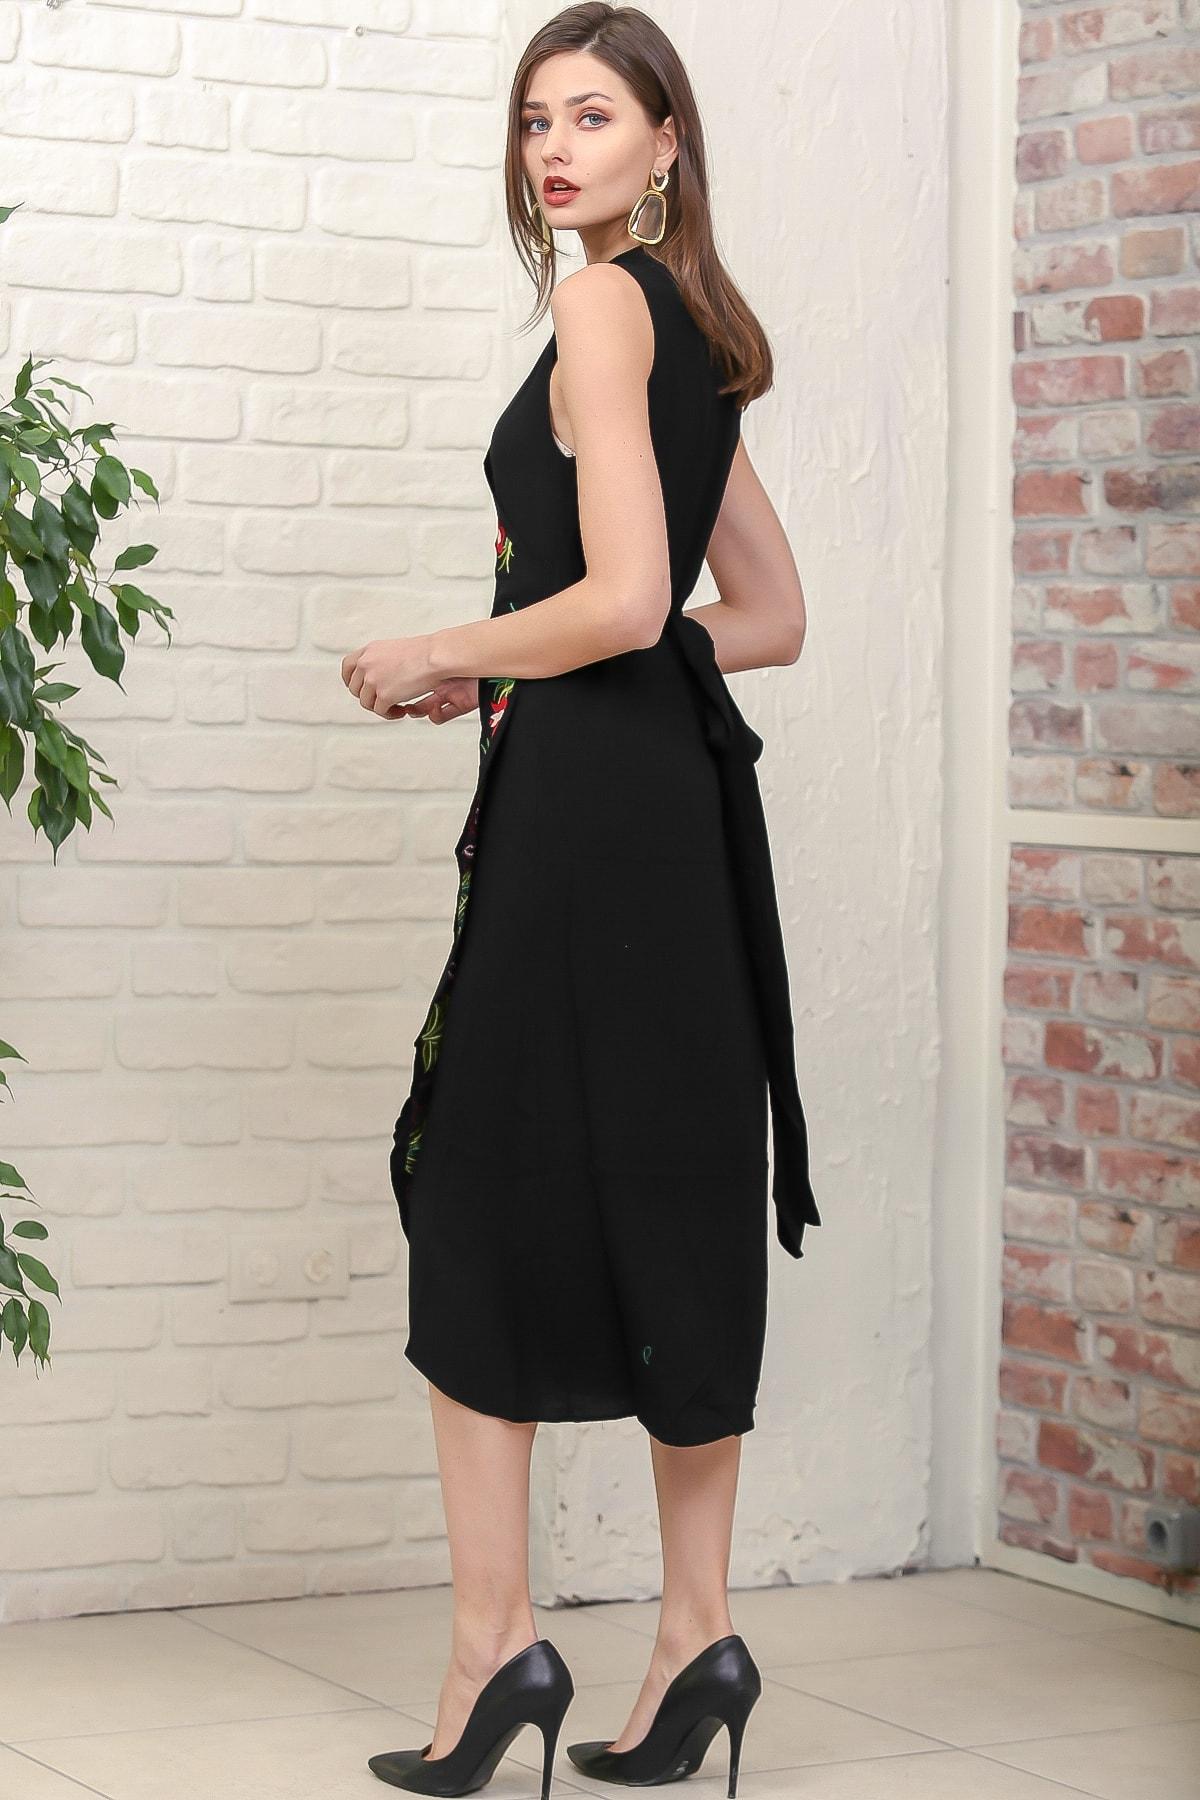 Chiccy Kadın Siyah Kruvaze Lale Nakışlı Ayaklı Yakalı Anvelop Kuşaklı Dokuma Elbise M10160000EL95887 4